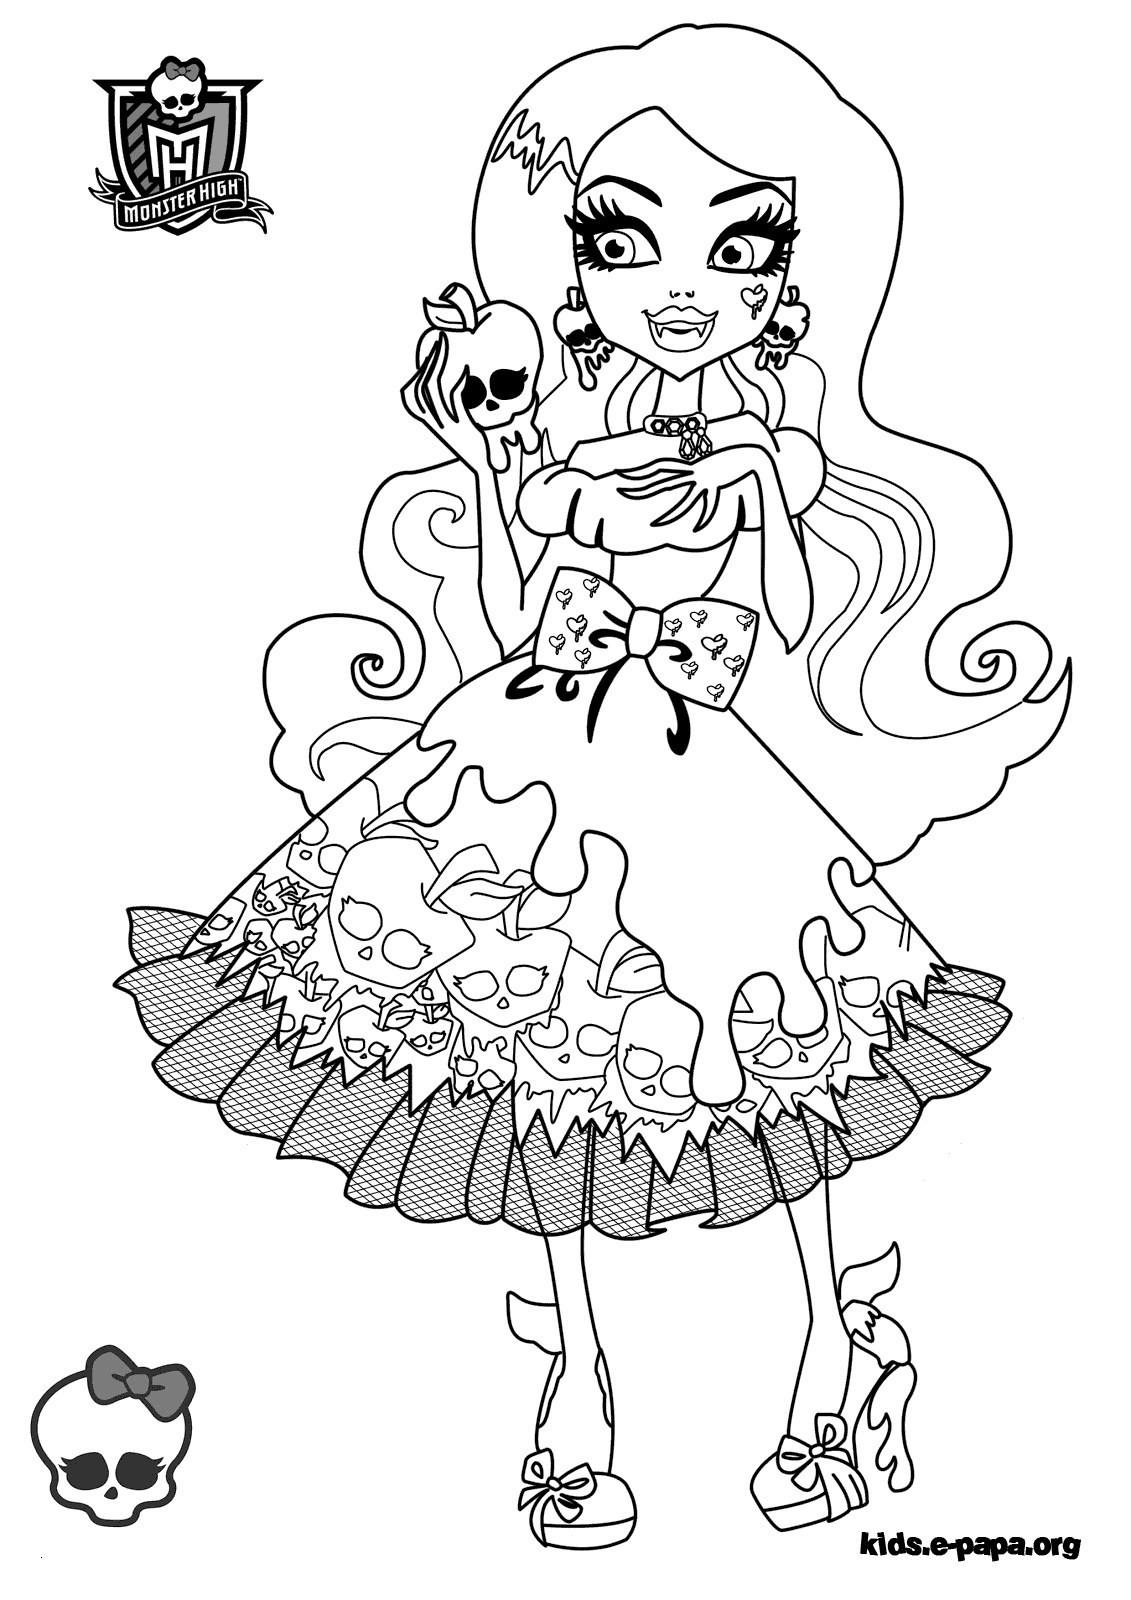 Monster High Bilder Zum Drucken Frisch Monster High Ausmalbilder Zum Ausdrucken Neu 32 Monster High Bilder